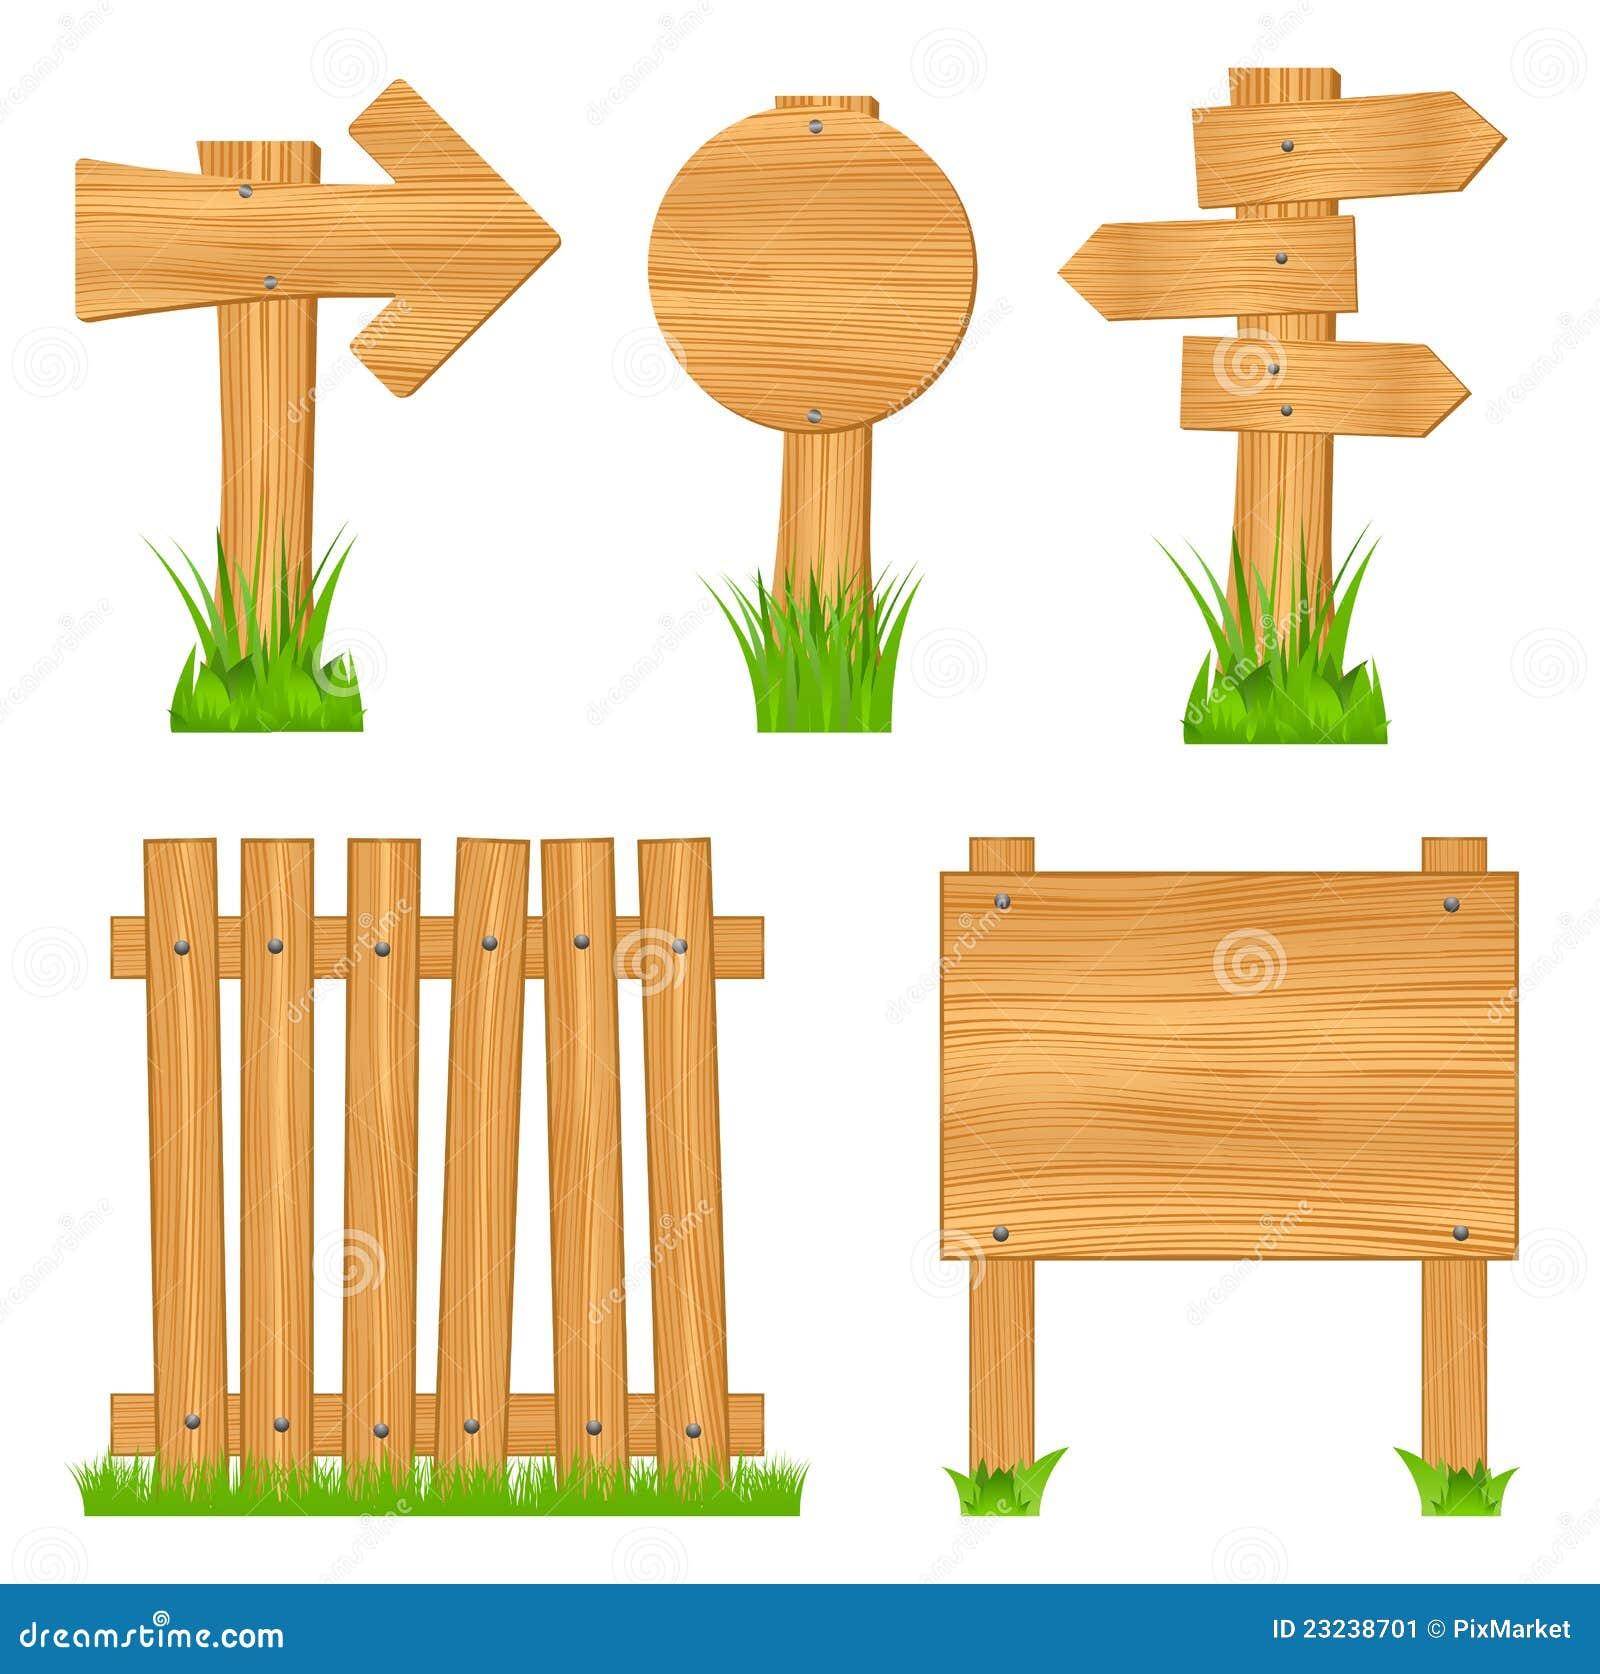 objets en bois image stock image 23238701. Black Bedroom Furniture Sets. Home Design Ideas